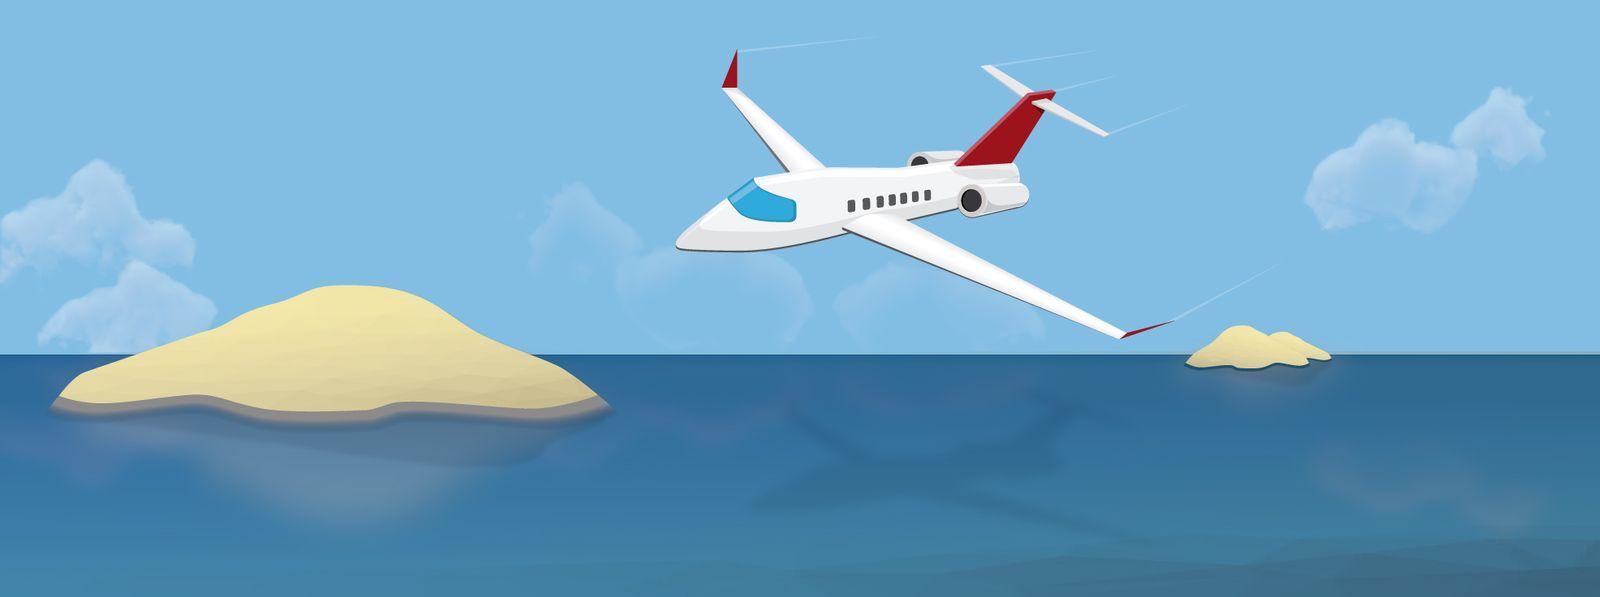 Rätsel der Woche: 1 Flugzeug 2 Inseln